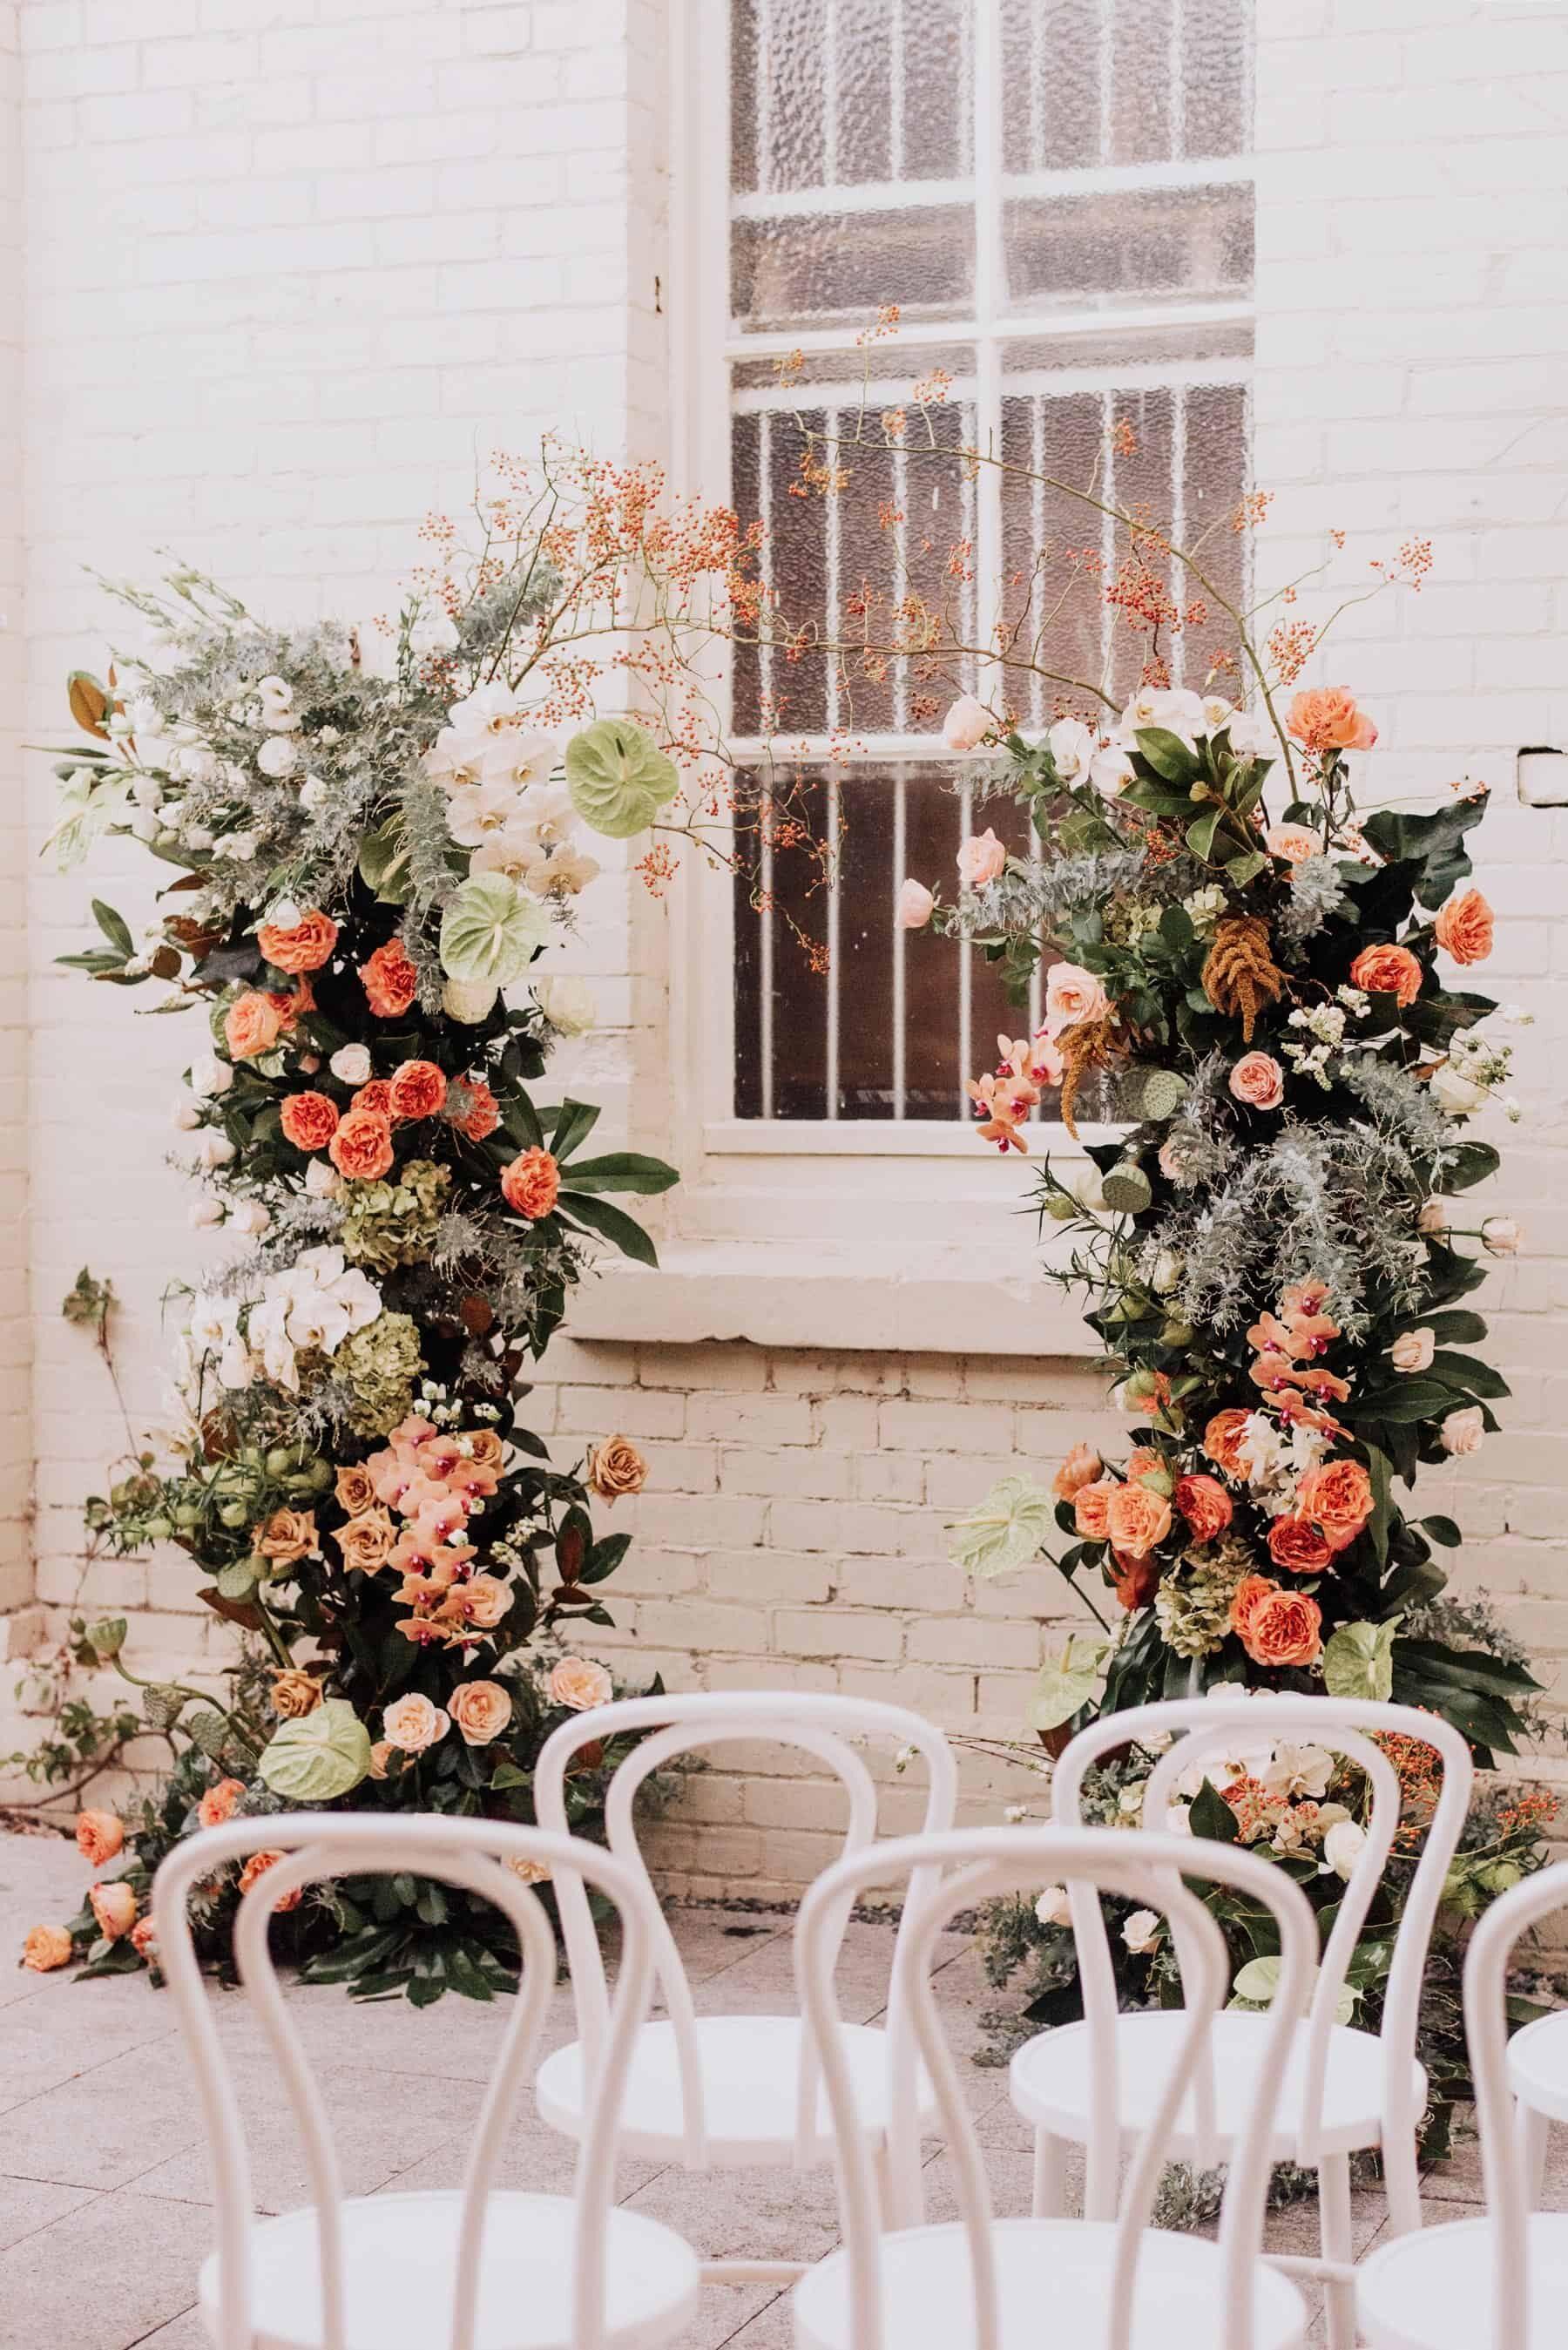 organic peach-toned floral wedding arch